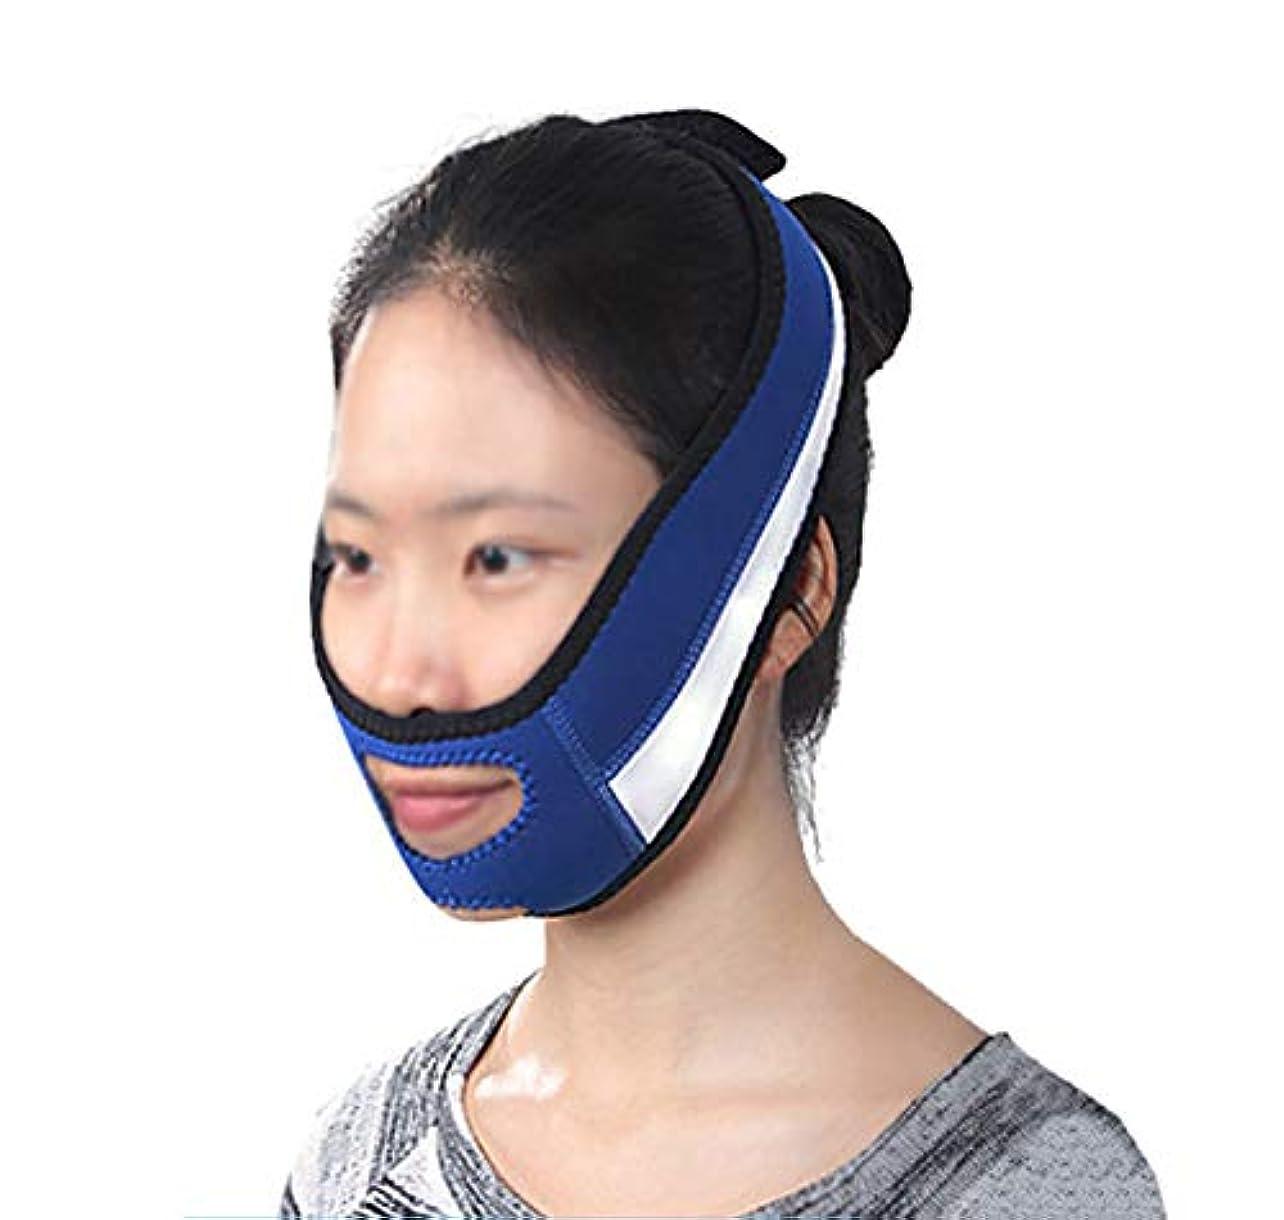 地図率直な堤防LJK 薄い顔包帯フェイススリムは、二重あごを取り除くVラインの顔の形を作りますチンチークリフトアップアンチリンクルリフティングベルトフェイスマッサージツール用女性と女の子